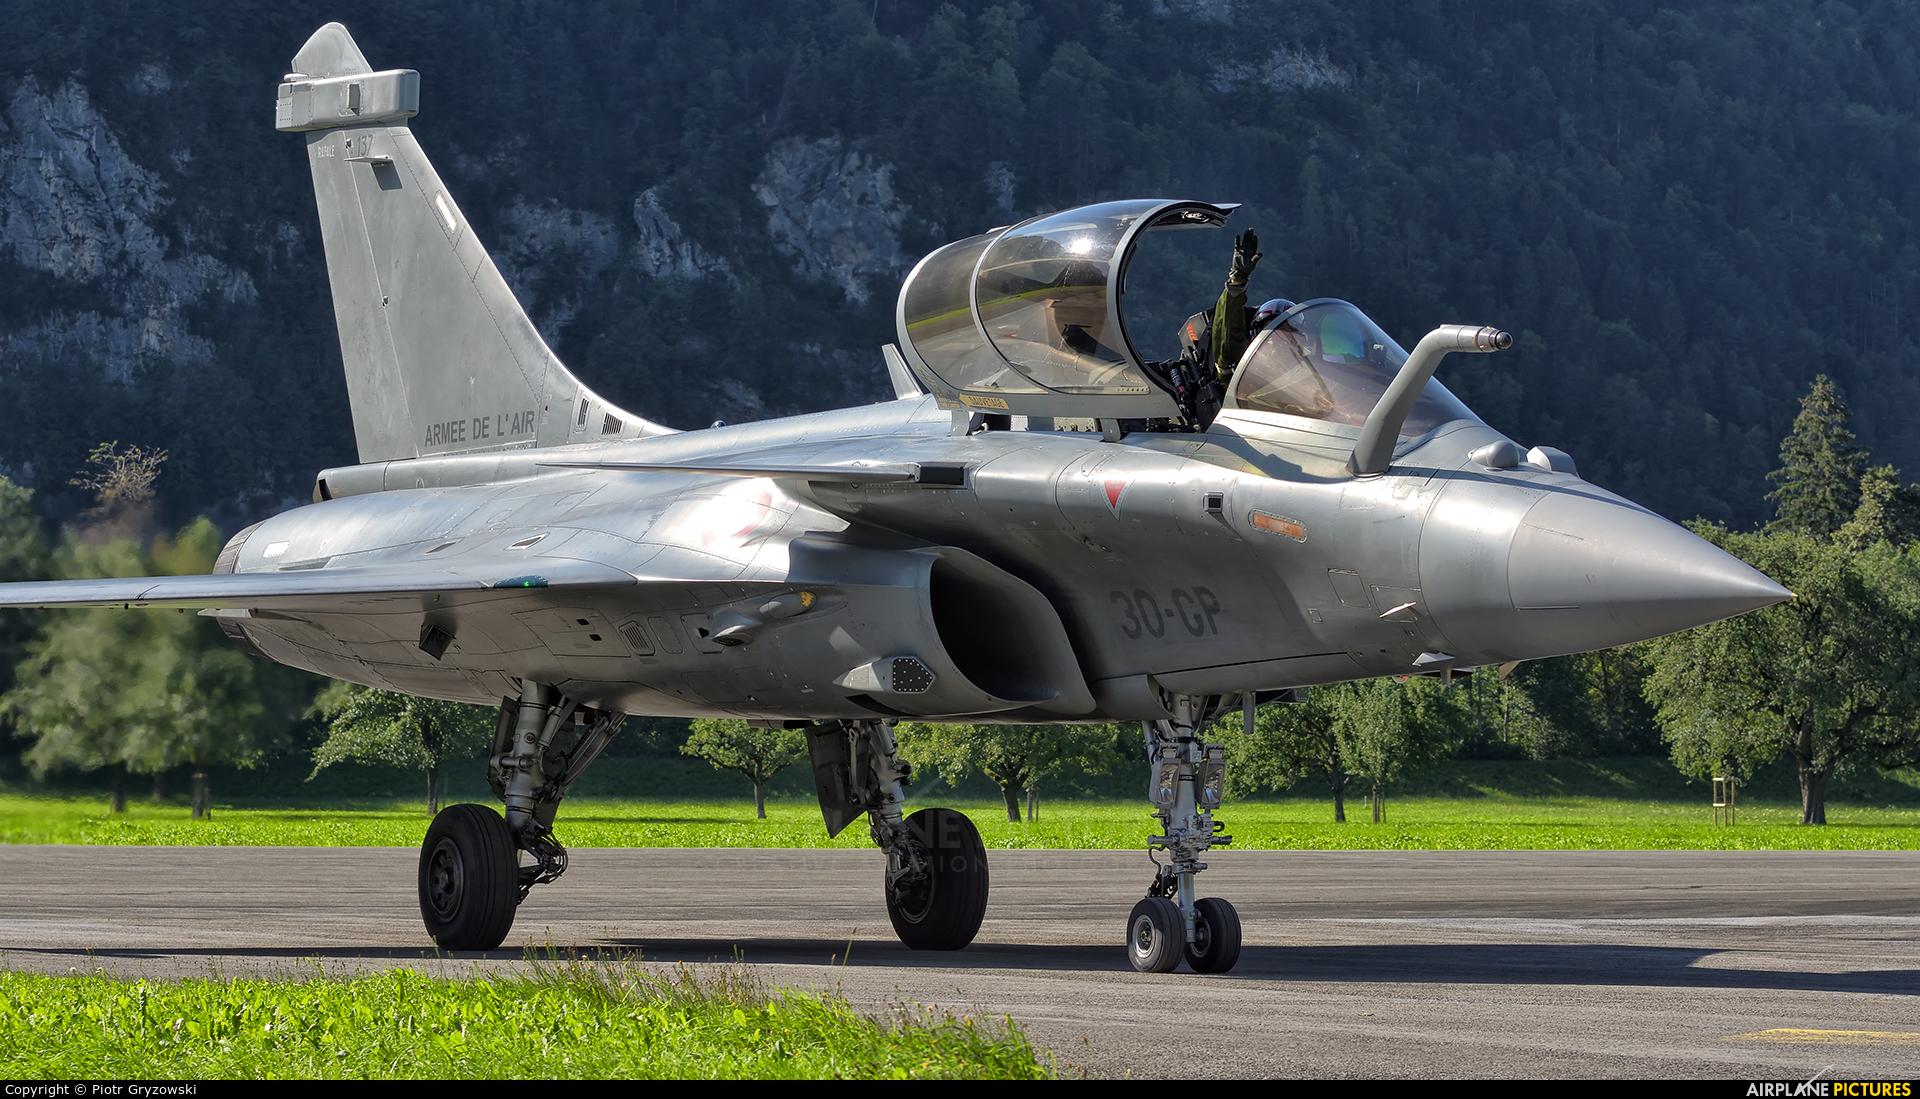 France - Air Force 137 aircraft at Mollis